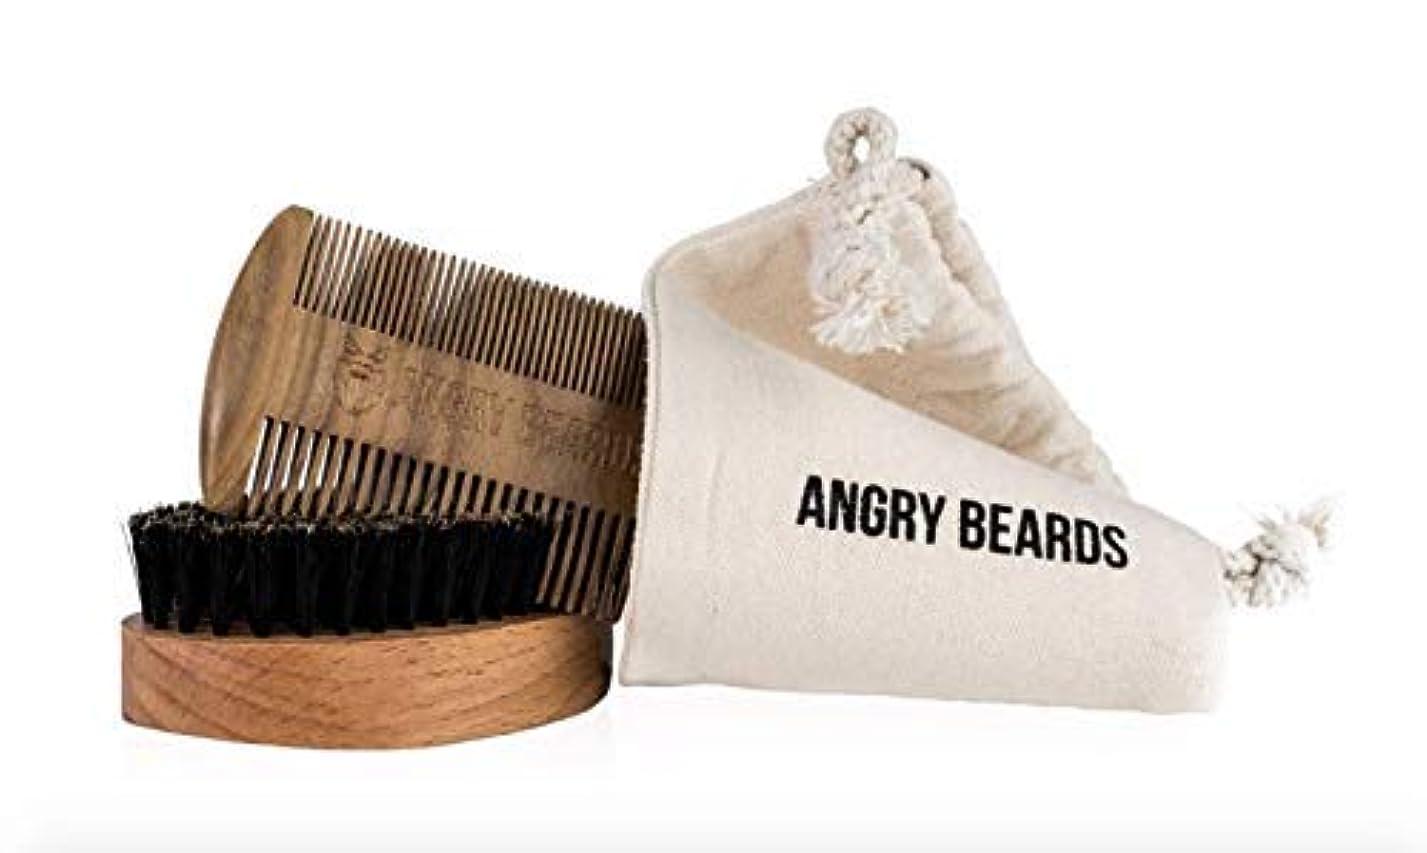 給料アパート肉腫Wooden Beard Comb + Brush KIT by Angry Beards Made in Czech Republic / 木の髭櫛+ブラシキットチェコ共和国製怒っているひげによって